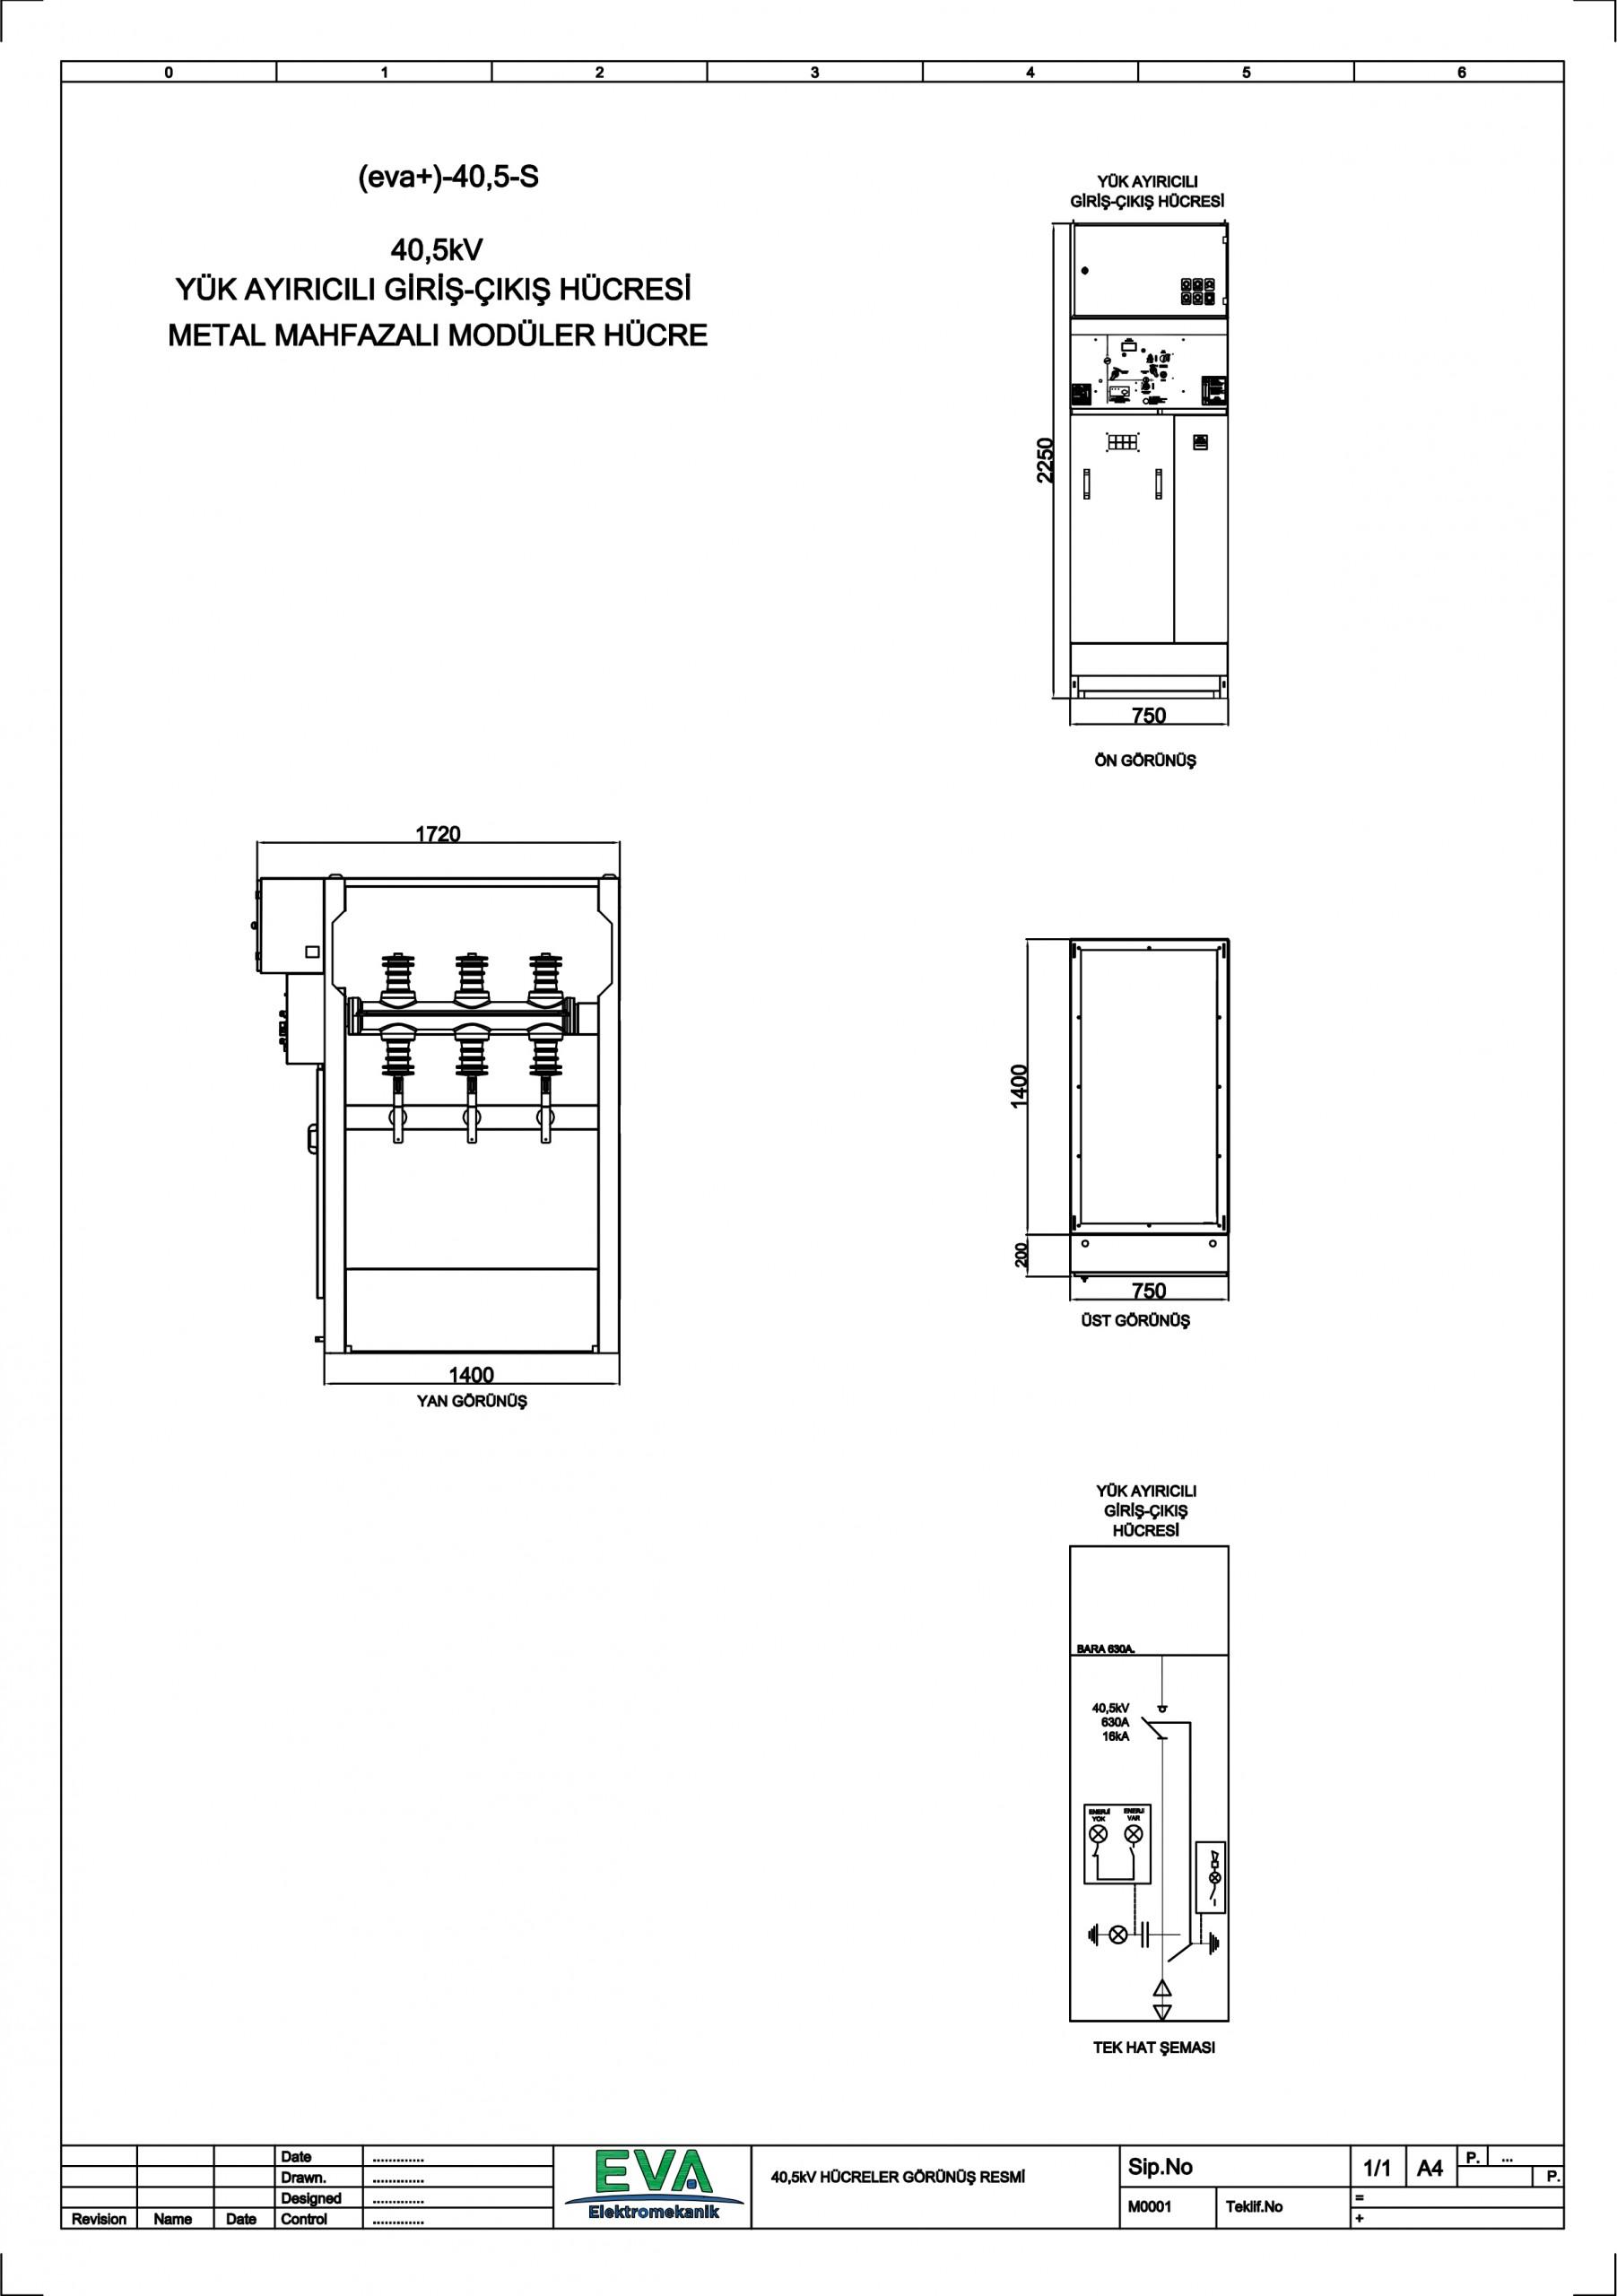 EVA+-40,5-S Yük Ayırıcılı Giriş Çıkış Hücresi (Metal Mahfazalı Modüler Hücre)